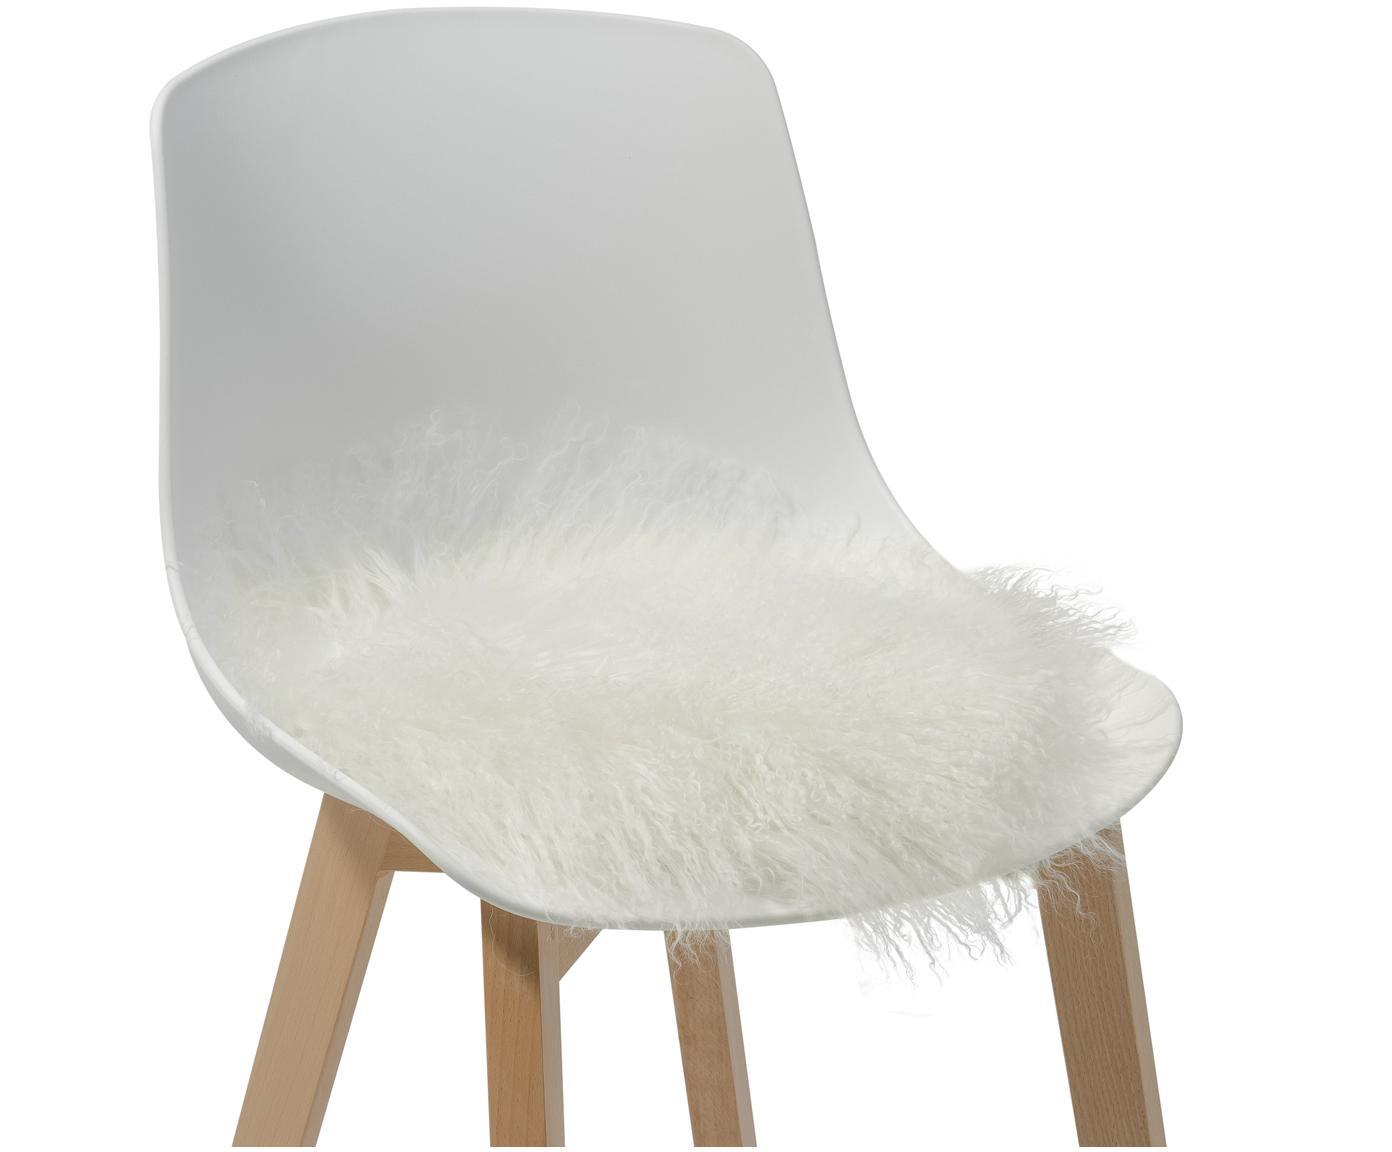 Galette de chaise ronde en peau d'agneau à longs poils frisés Ella, Blanc naturel